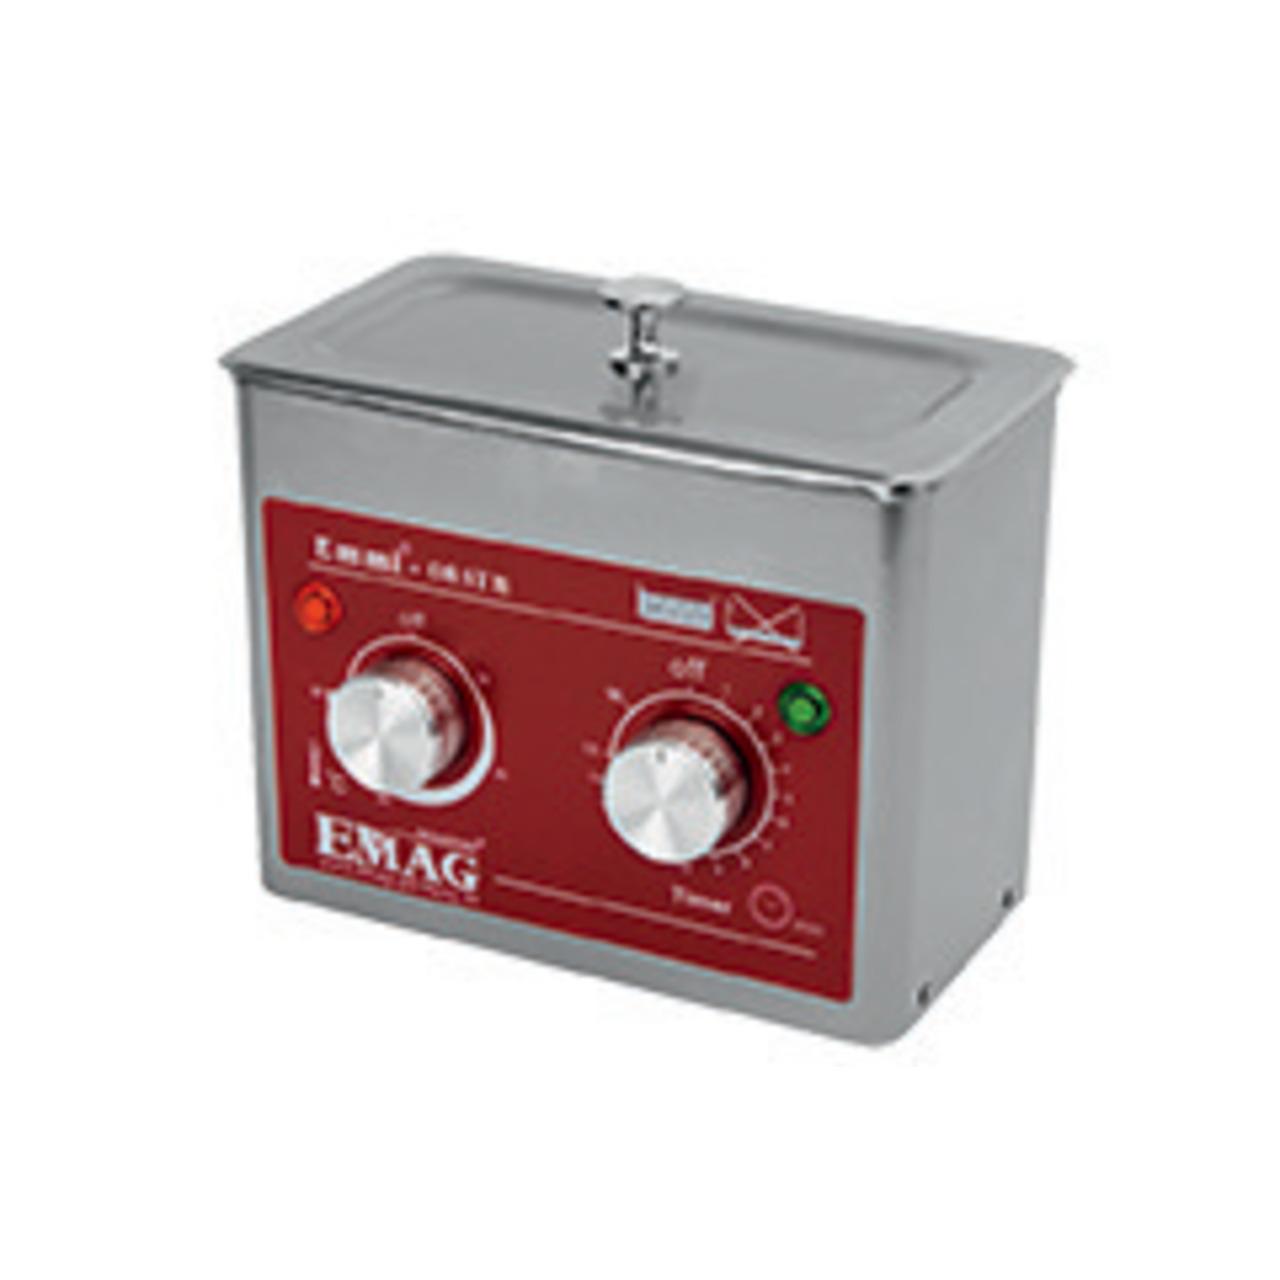 EMAG Ultraschallreiniger Emmi-08 STH- 0-8 L- mit Universalreiniger EM-080